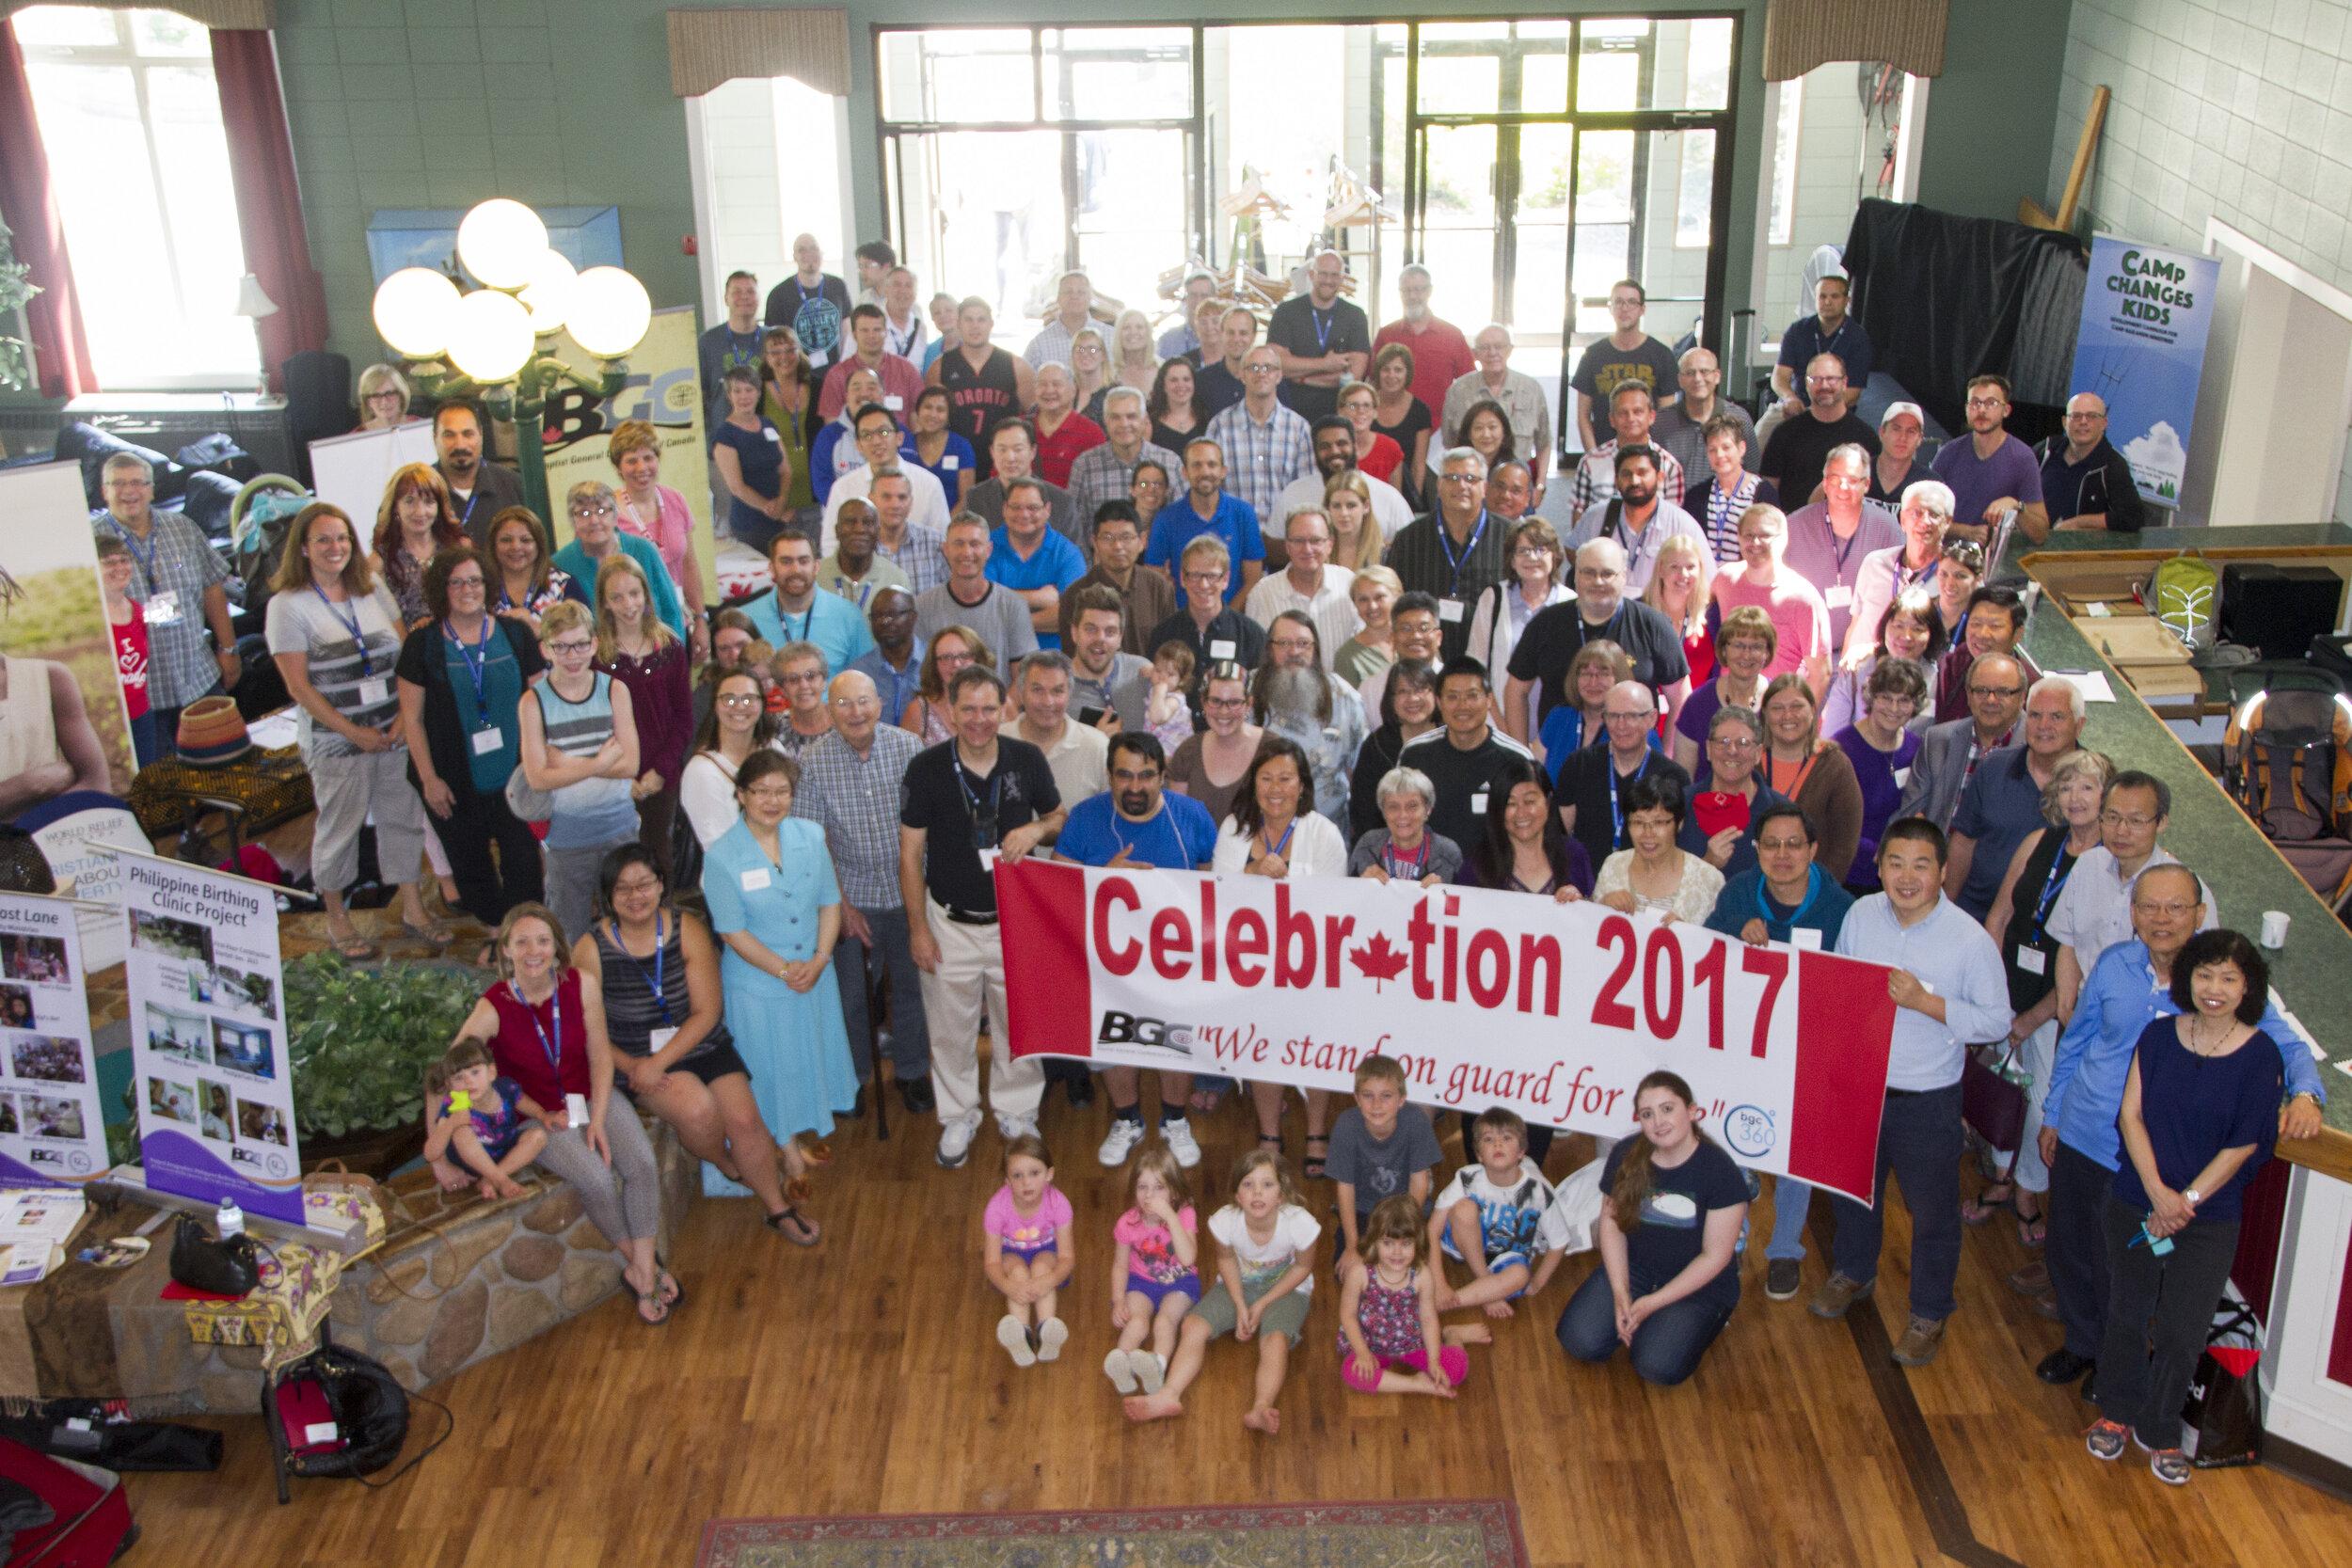 Celebration 2017